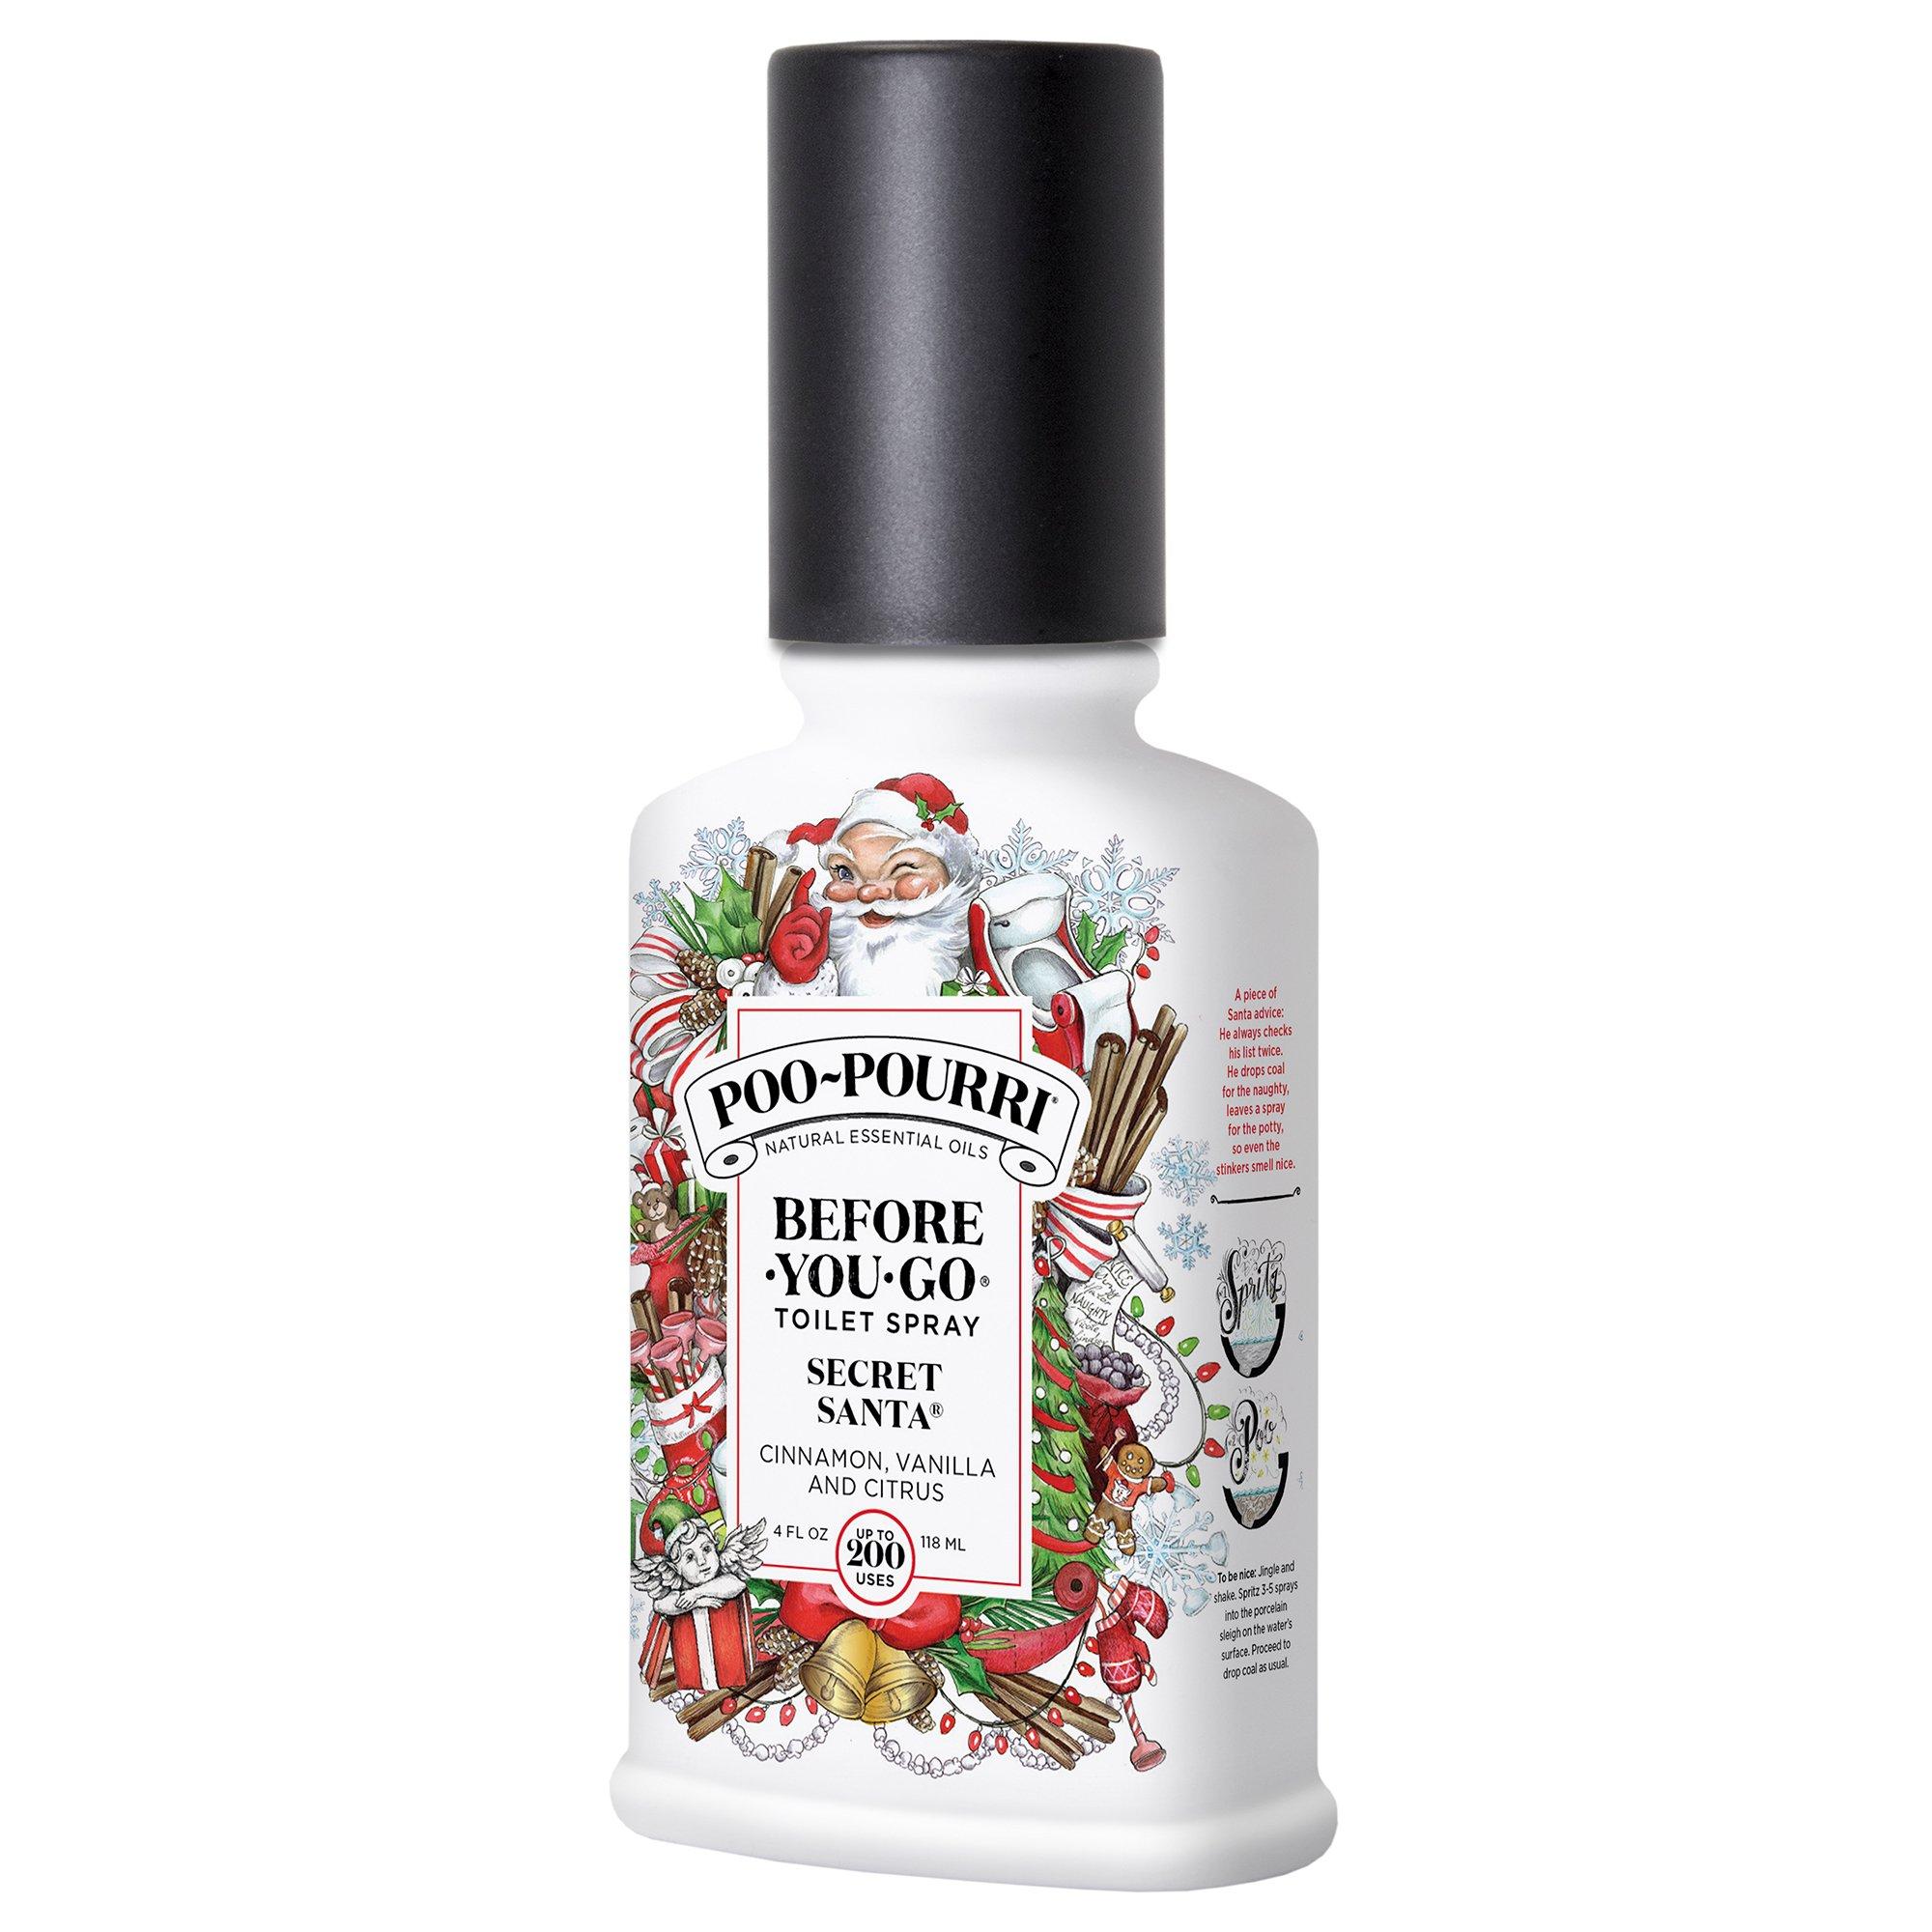 Poo pourri before you go toilet spray 4 oz bottle secret - Poo pourri before you go bathroom spray ...